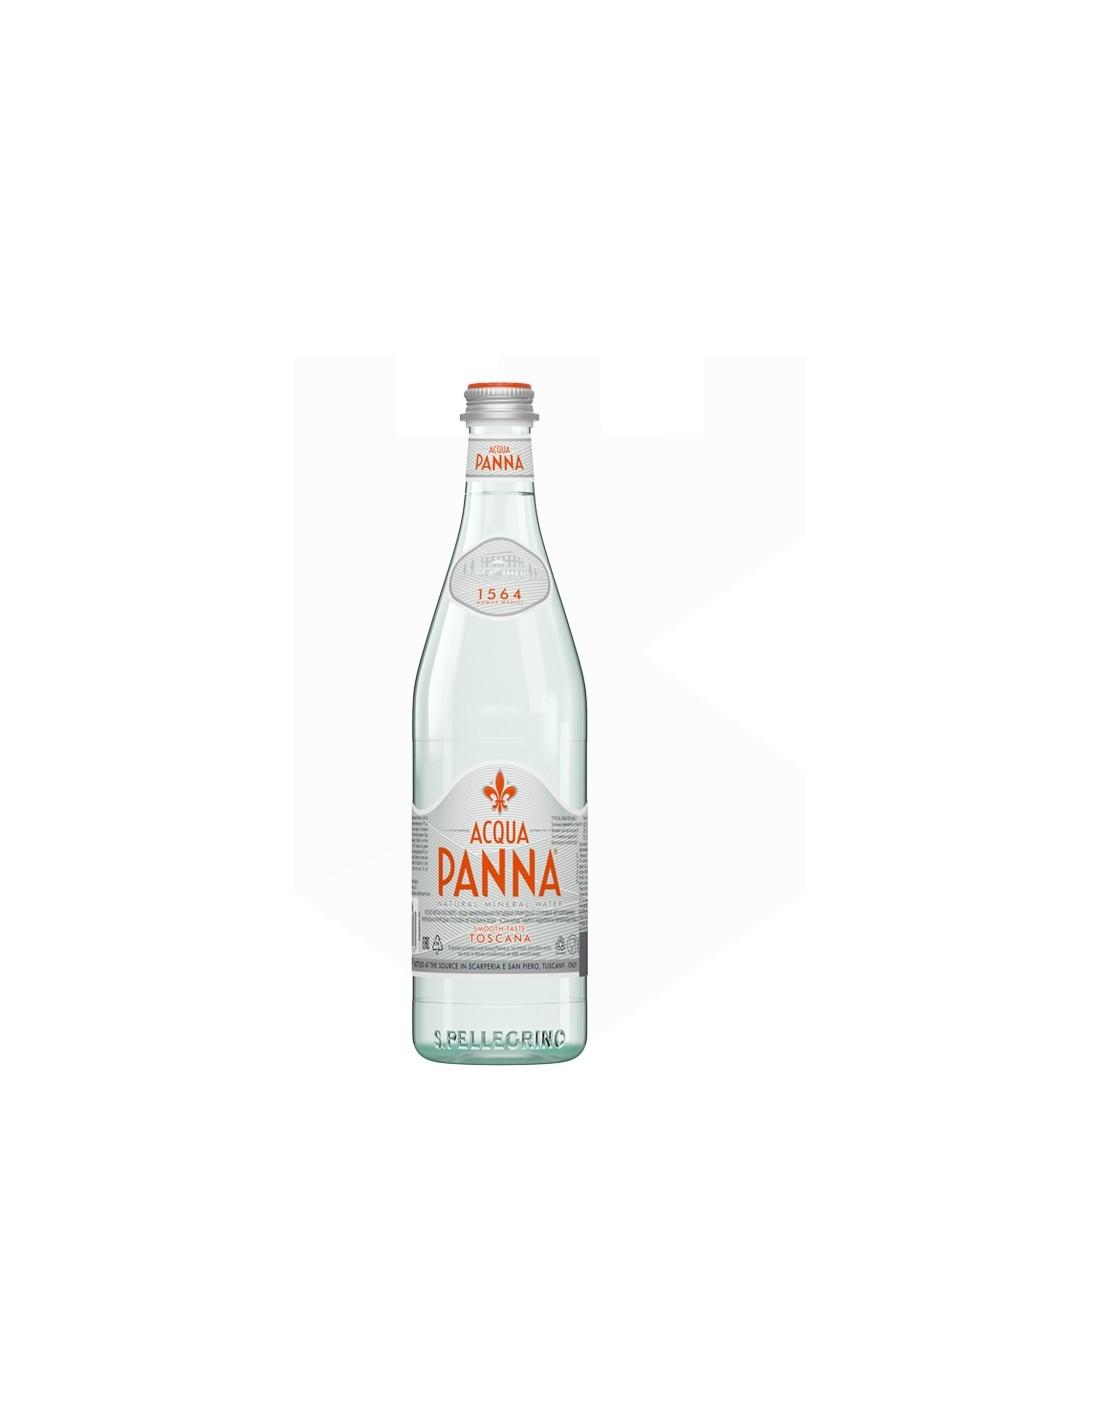 Apa plata, Acqua Panna Toscana, 0.75L, Italia